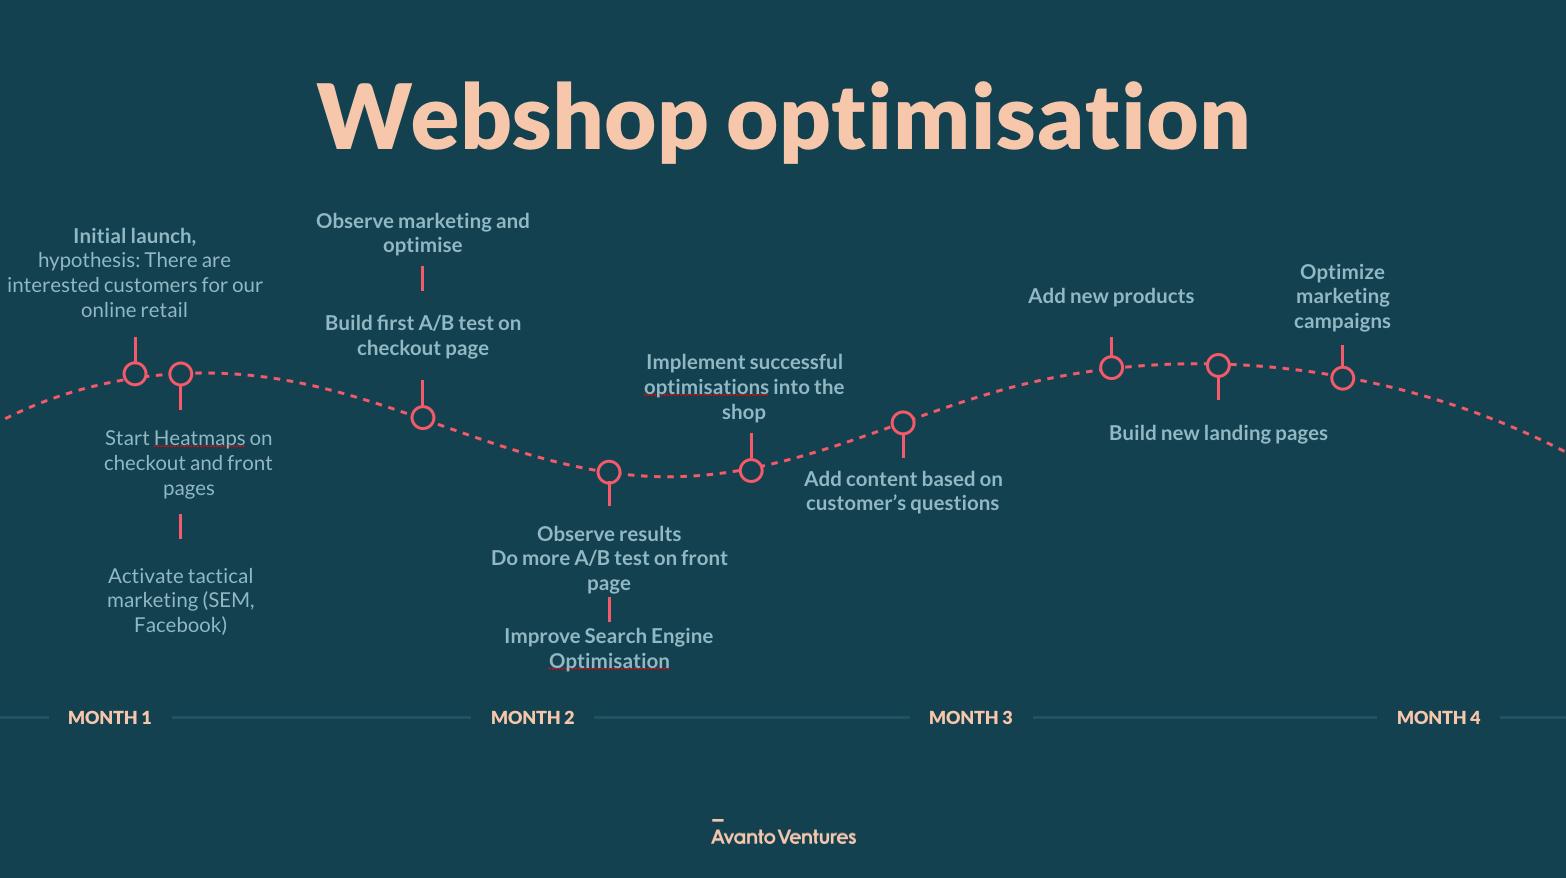 Webshop_optimisation_Avanto.png